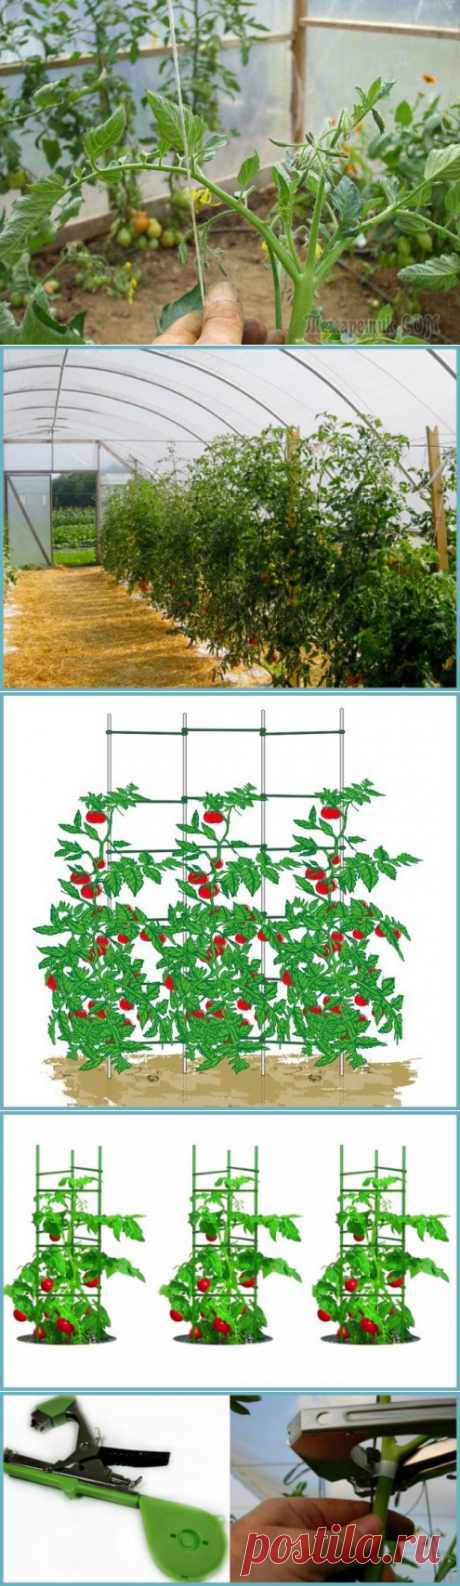 Как и для чего подвязывать томаты в теплице из поликарбоната